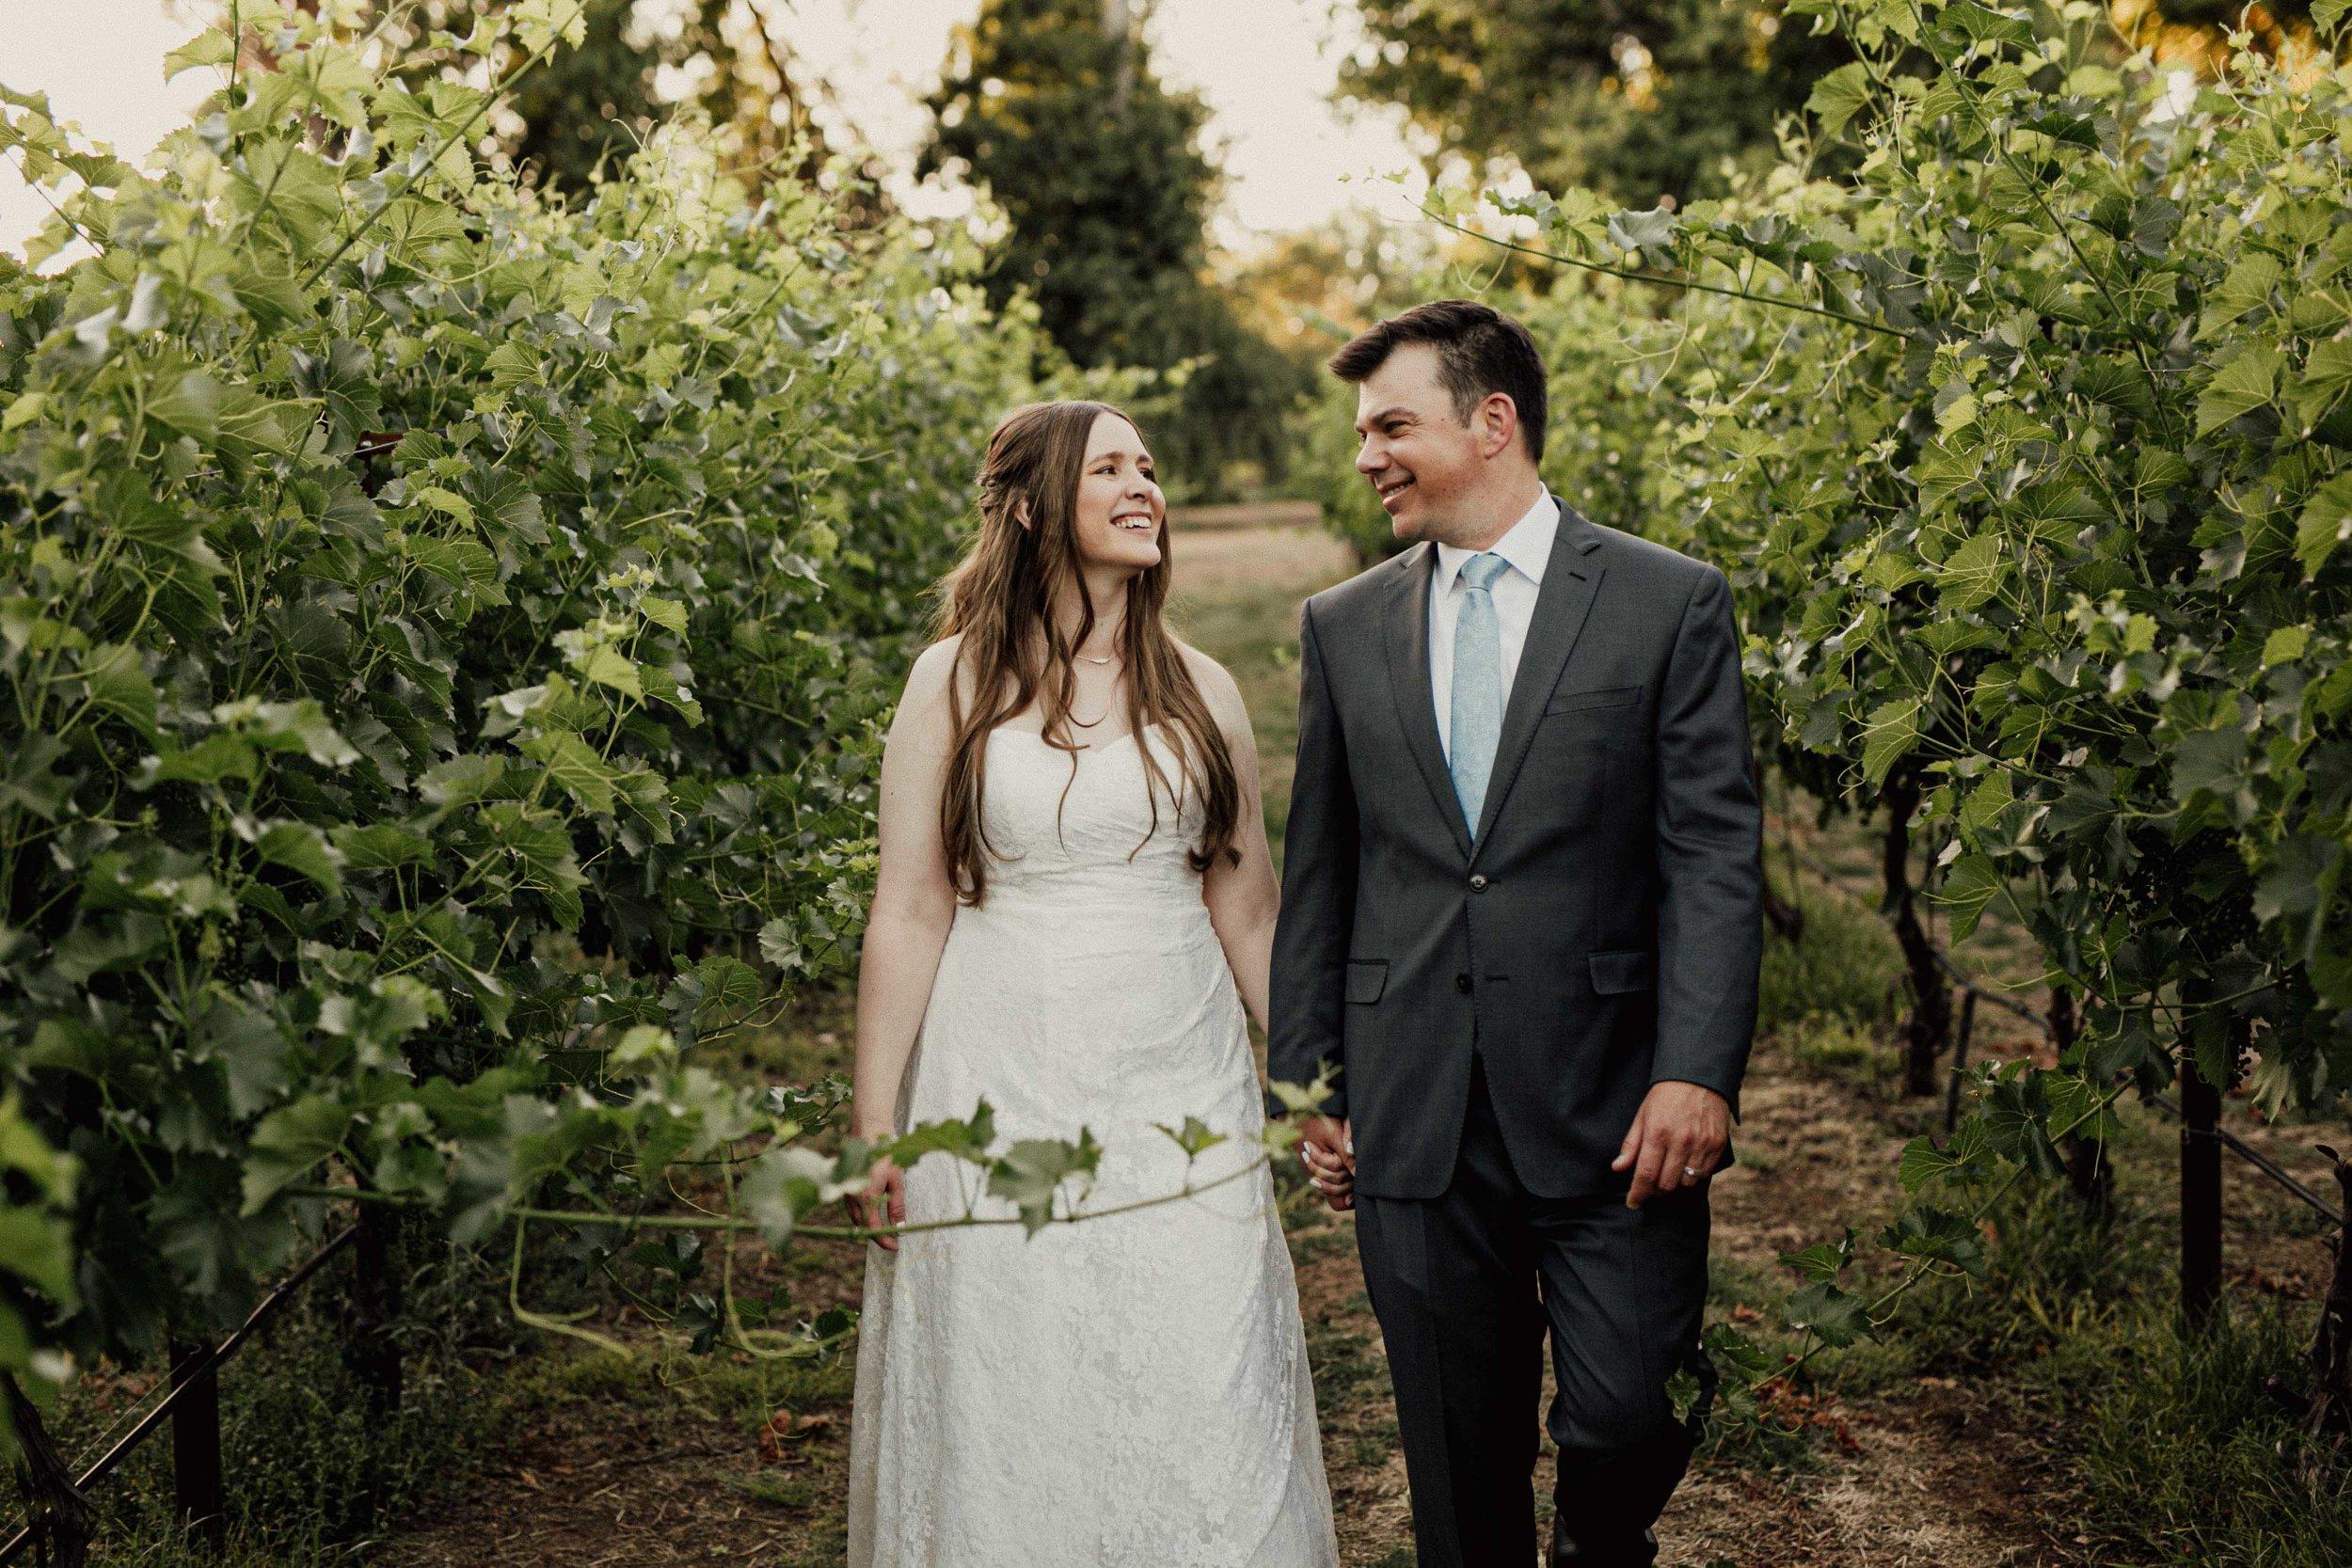 Wedding-2-5.jpg